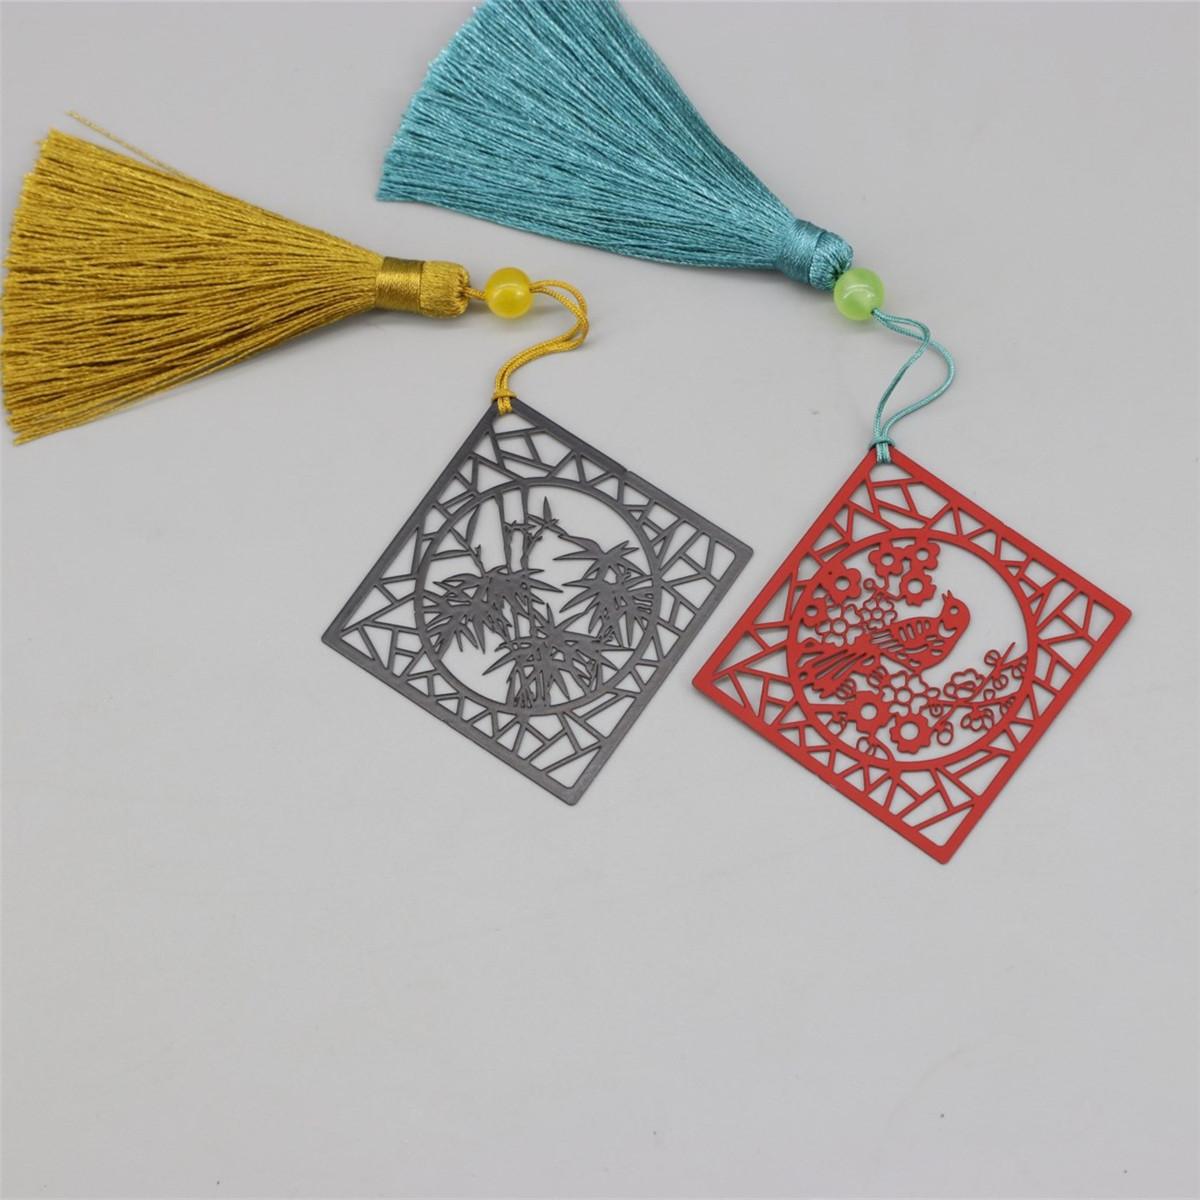 文創窗格古風金屬烤漆書籤開學季教師節清新簡約文藝文化學生禮品